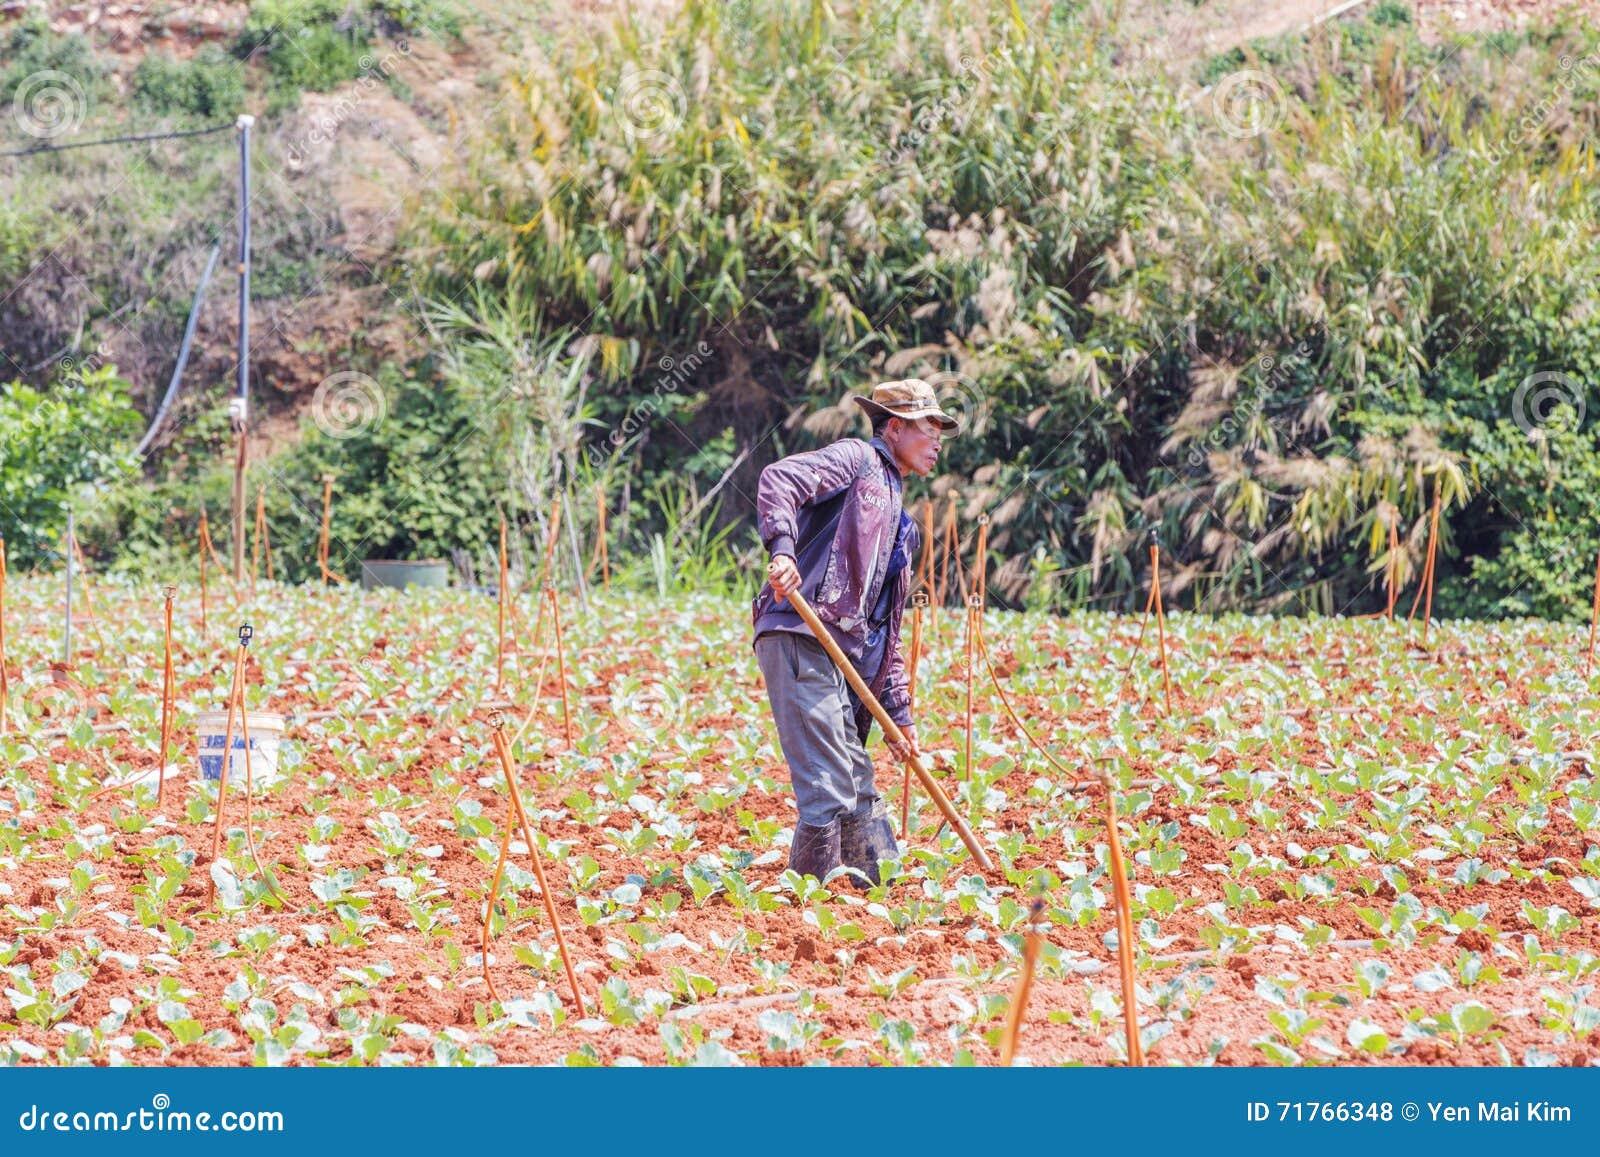 Farm Labor Shortages